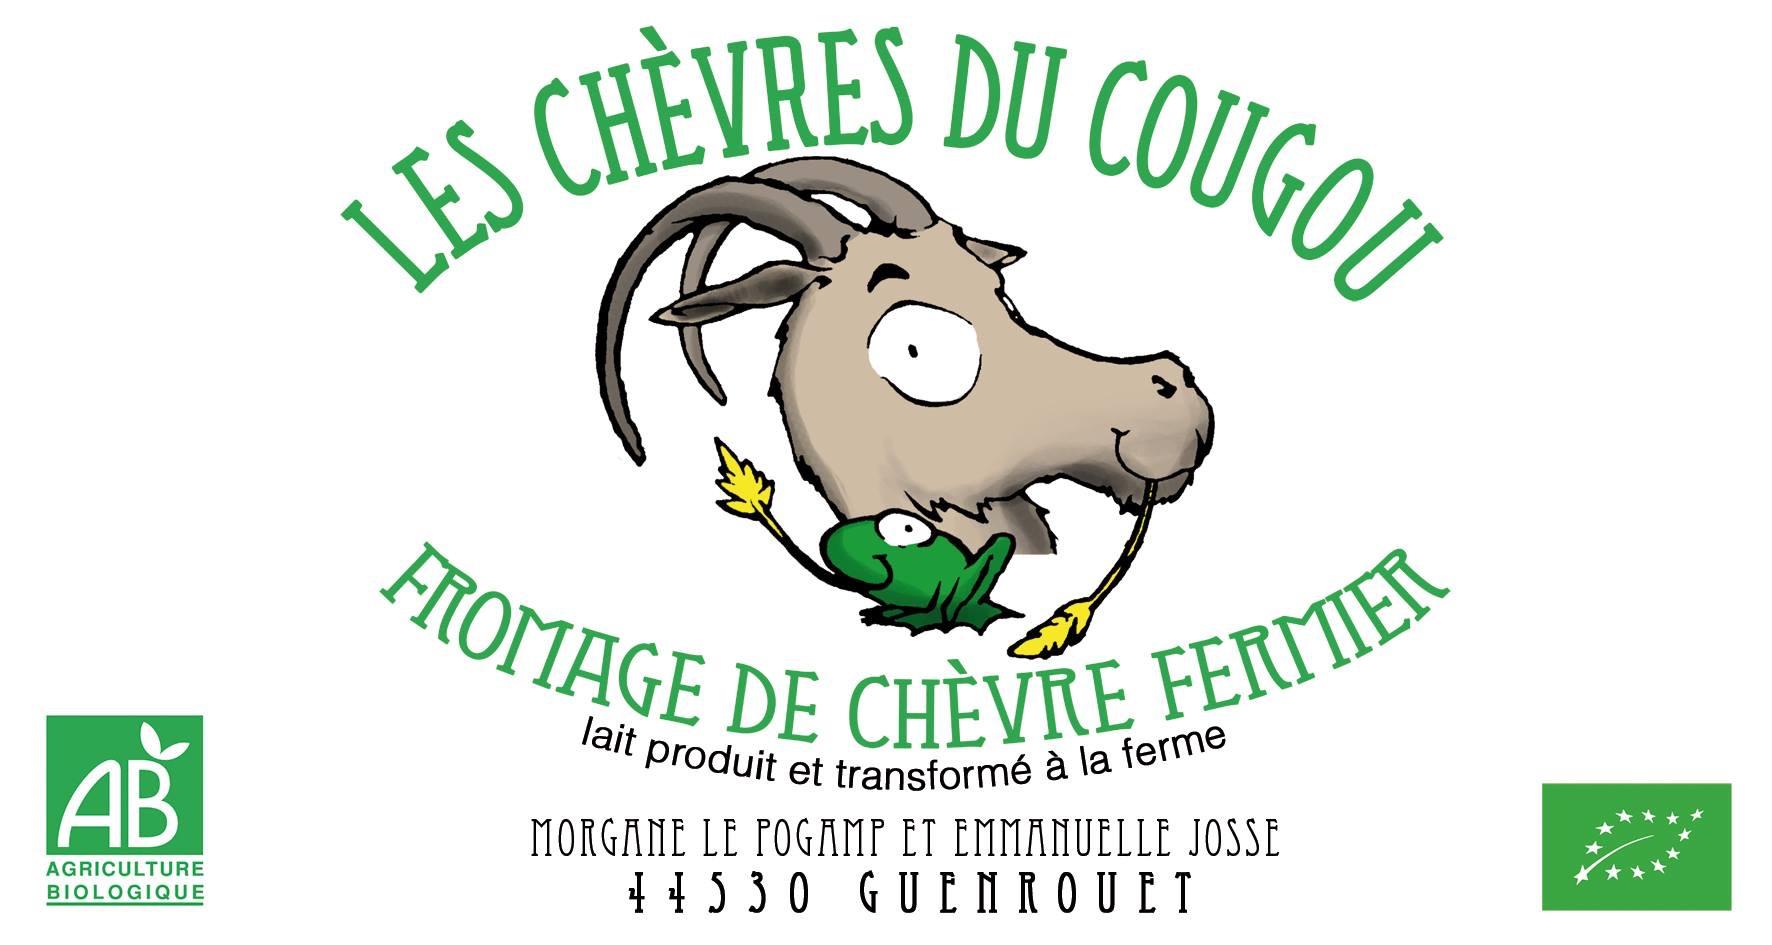 Les Chèvres du Cougou